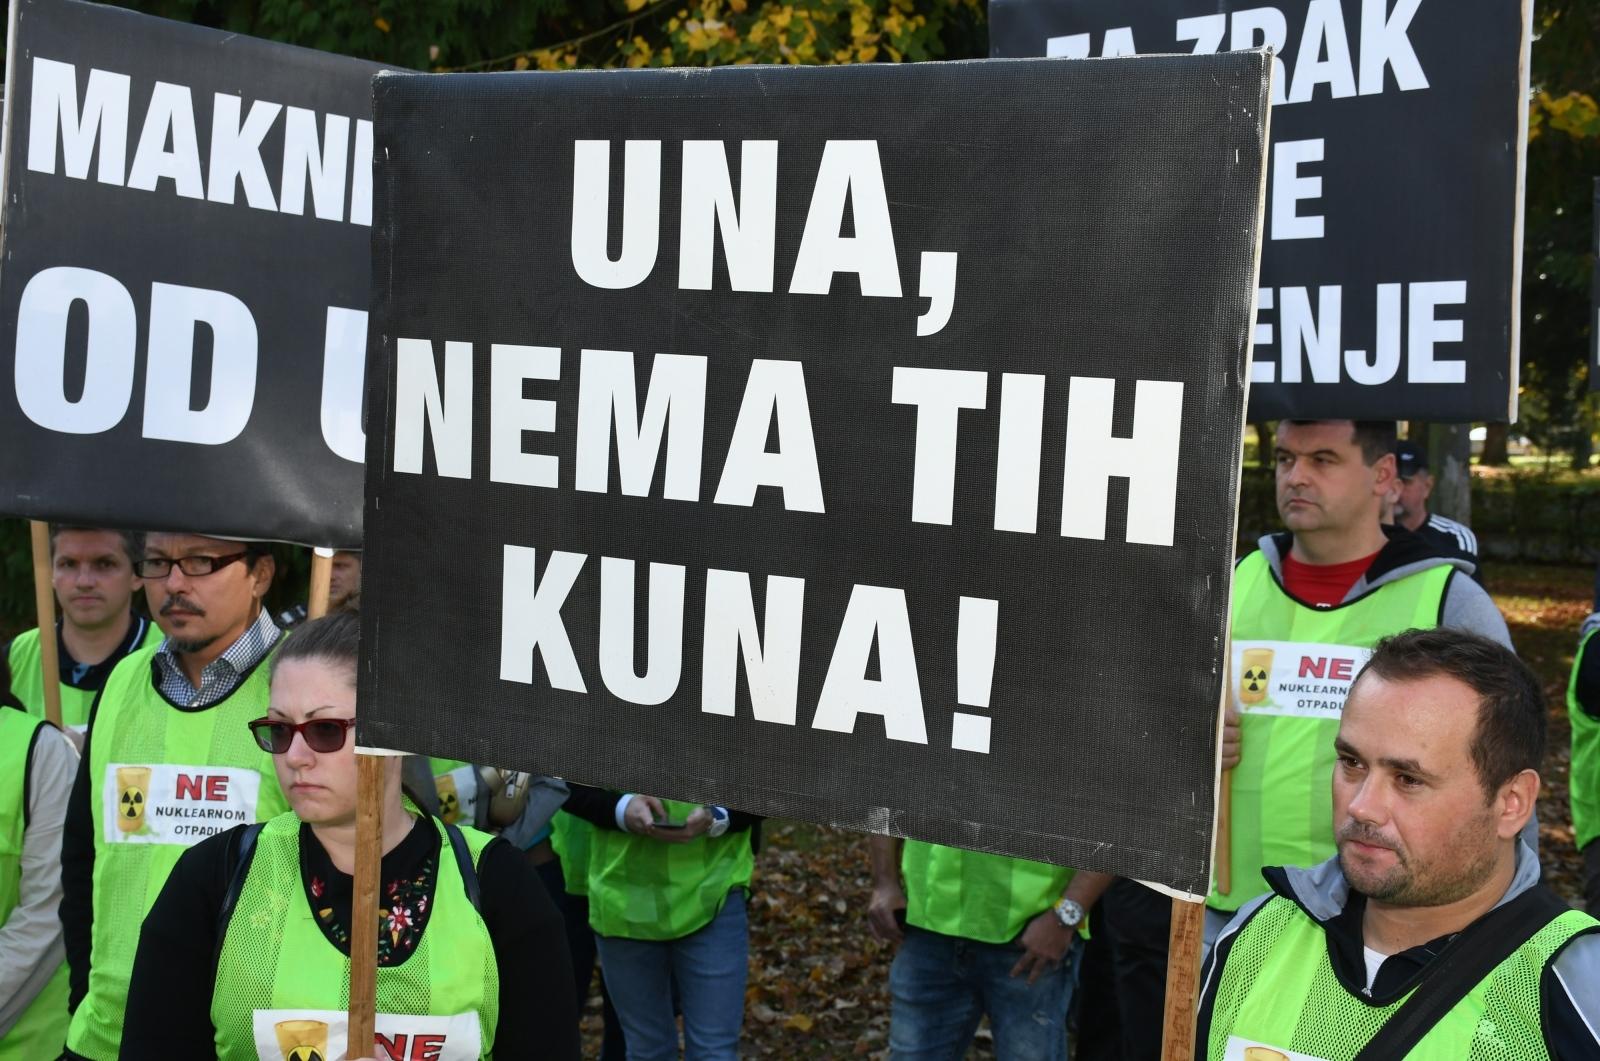 FOTO: Mještani Dvora održali prosvjed protiv odlaganja radioaktivnog otpada u vojarni Crketovac